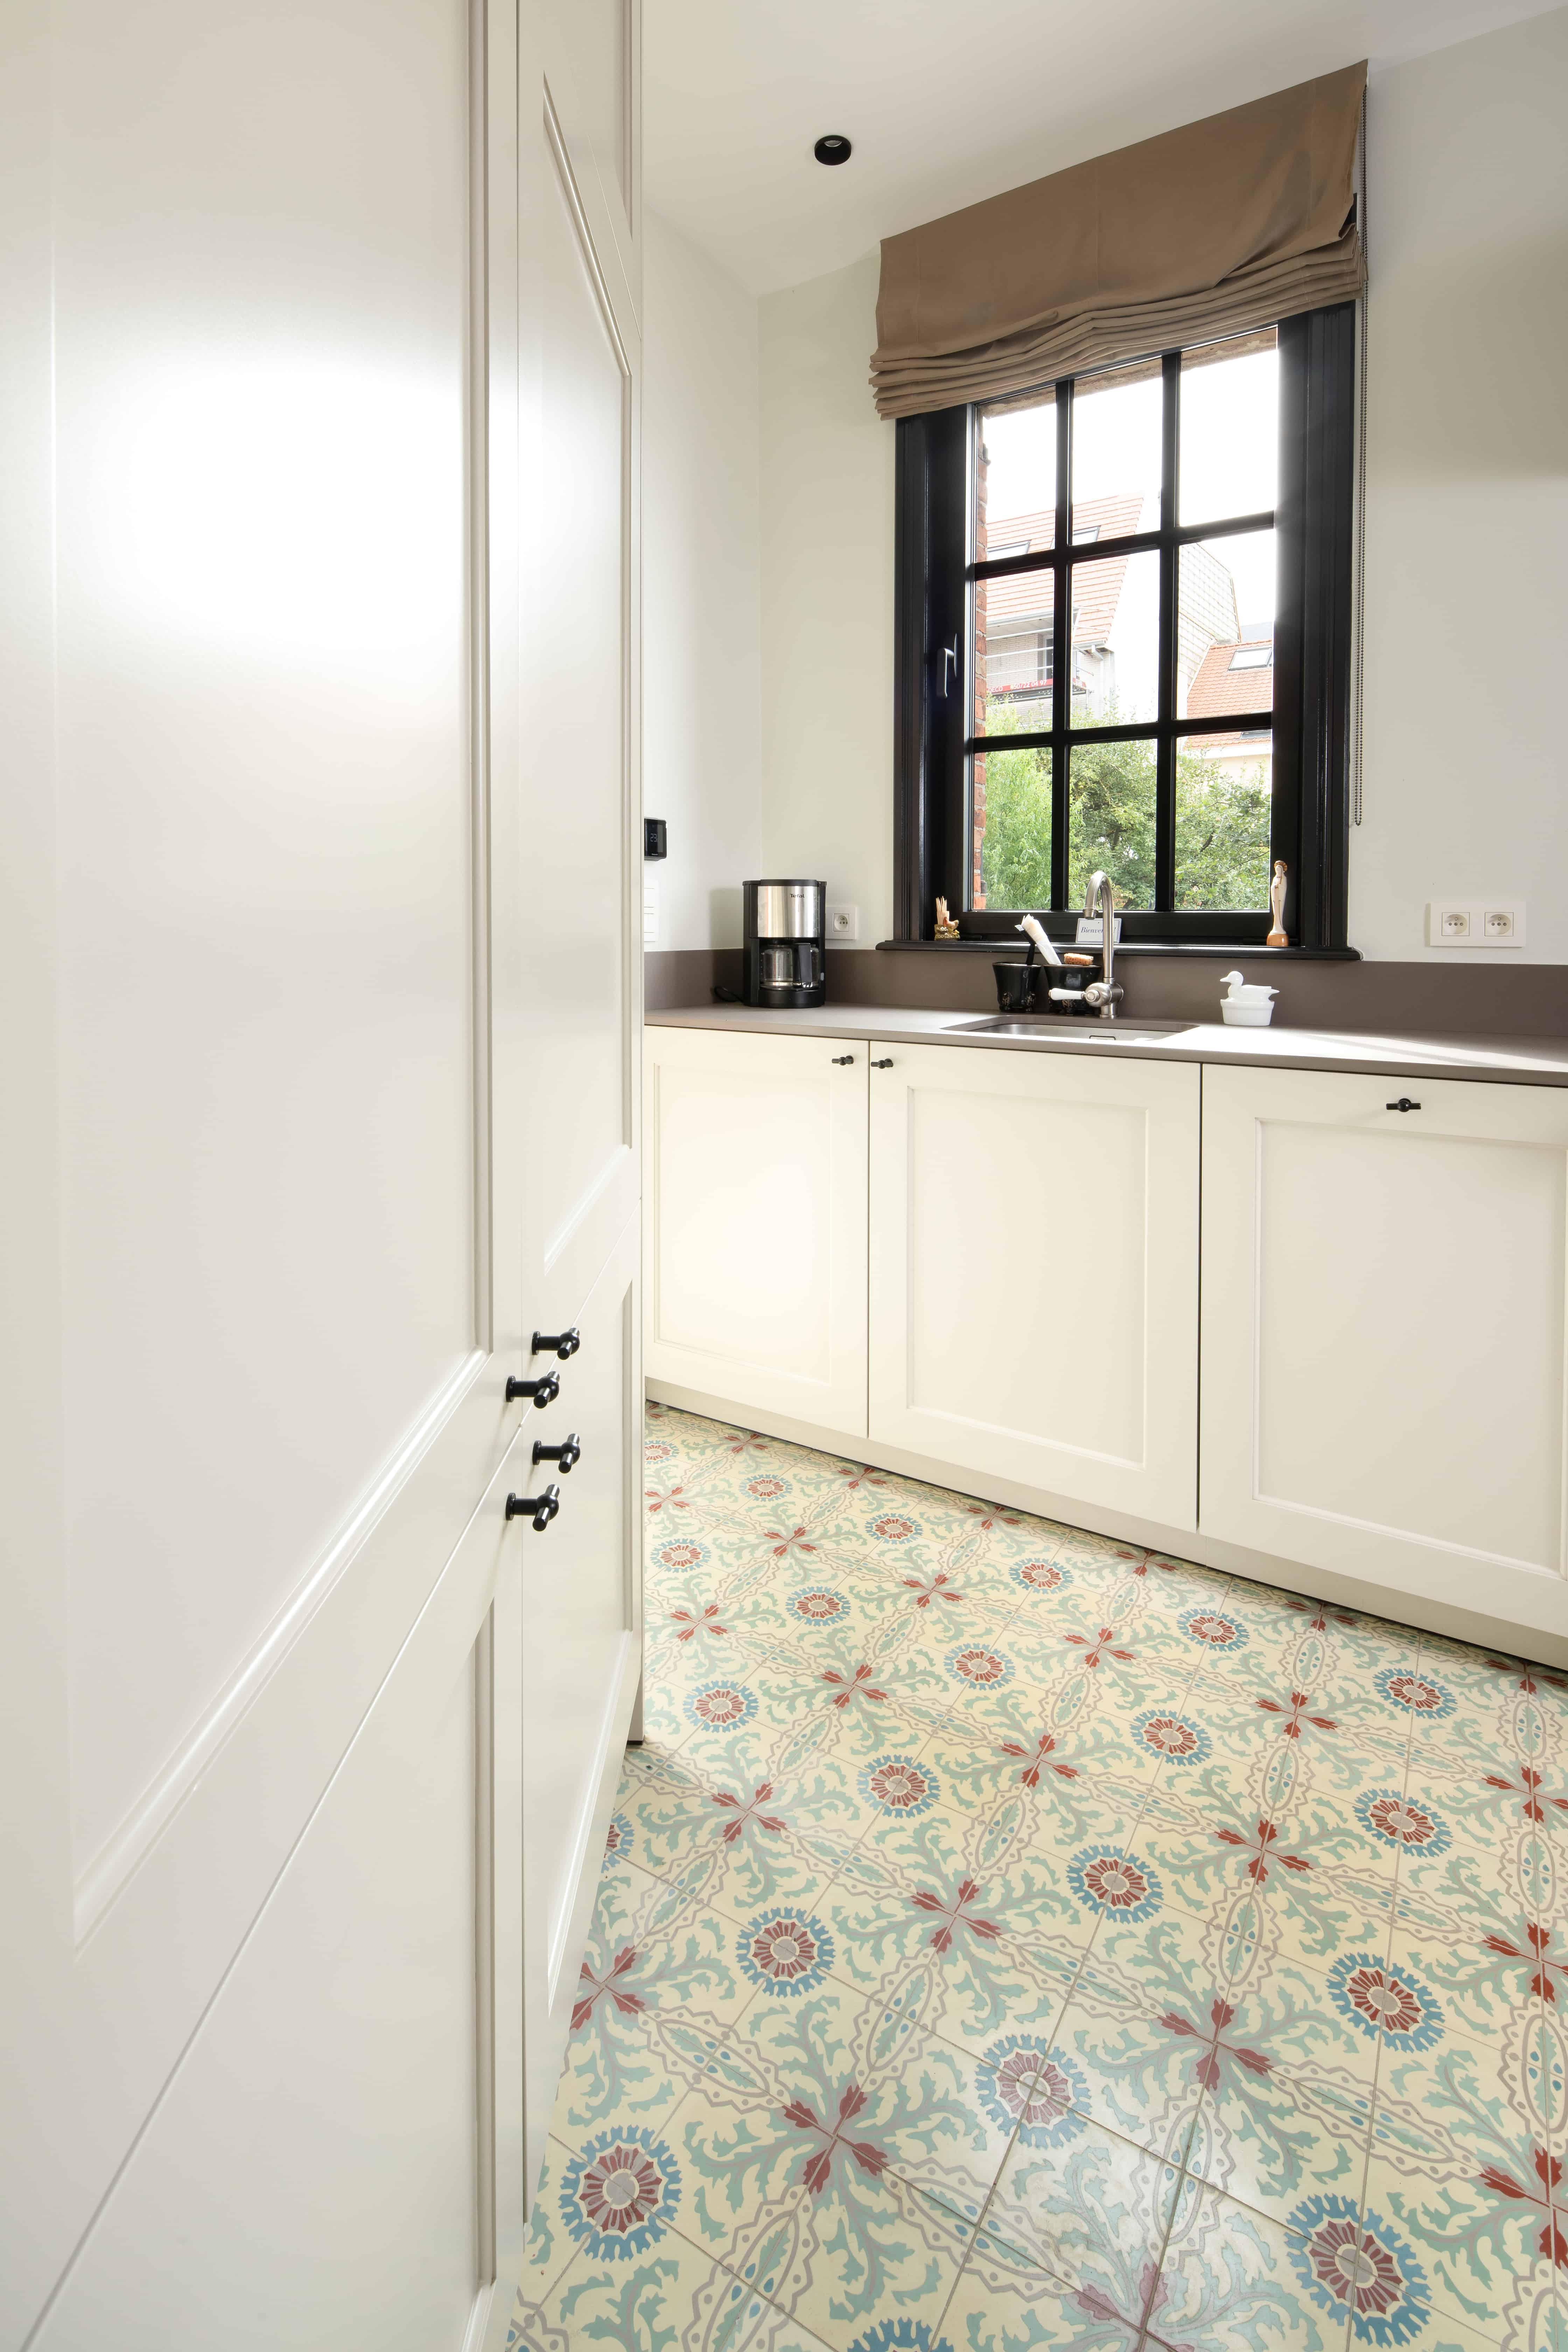 Keukenvloer met retro tegels - tegels klein formaat in keuken - rustiek - landelijk